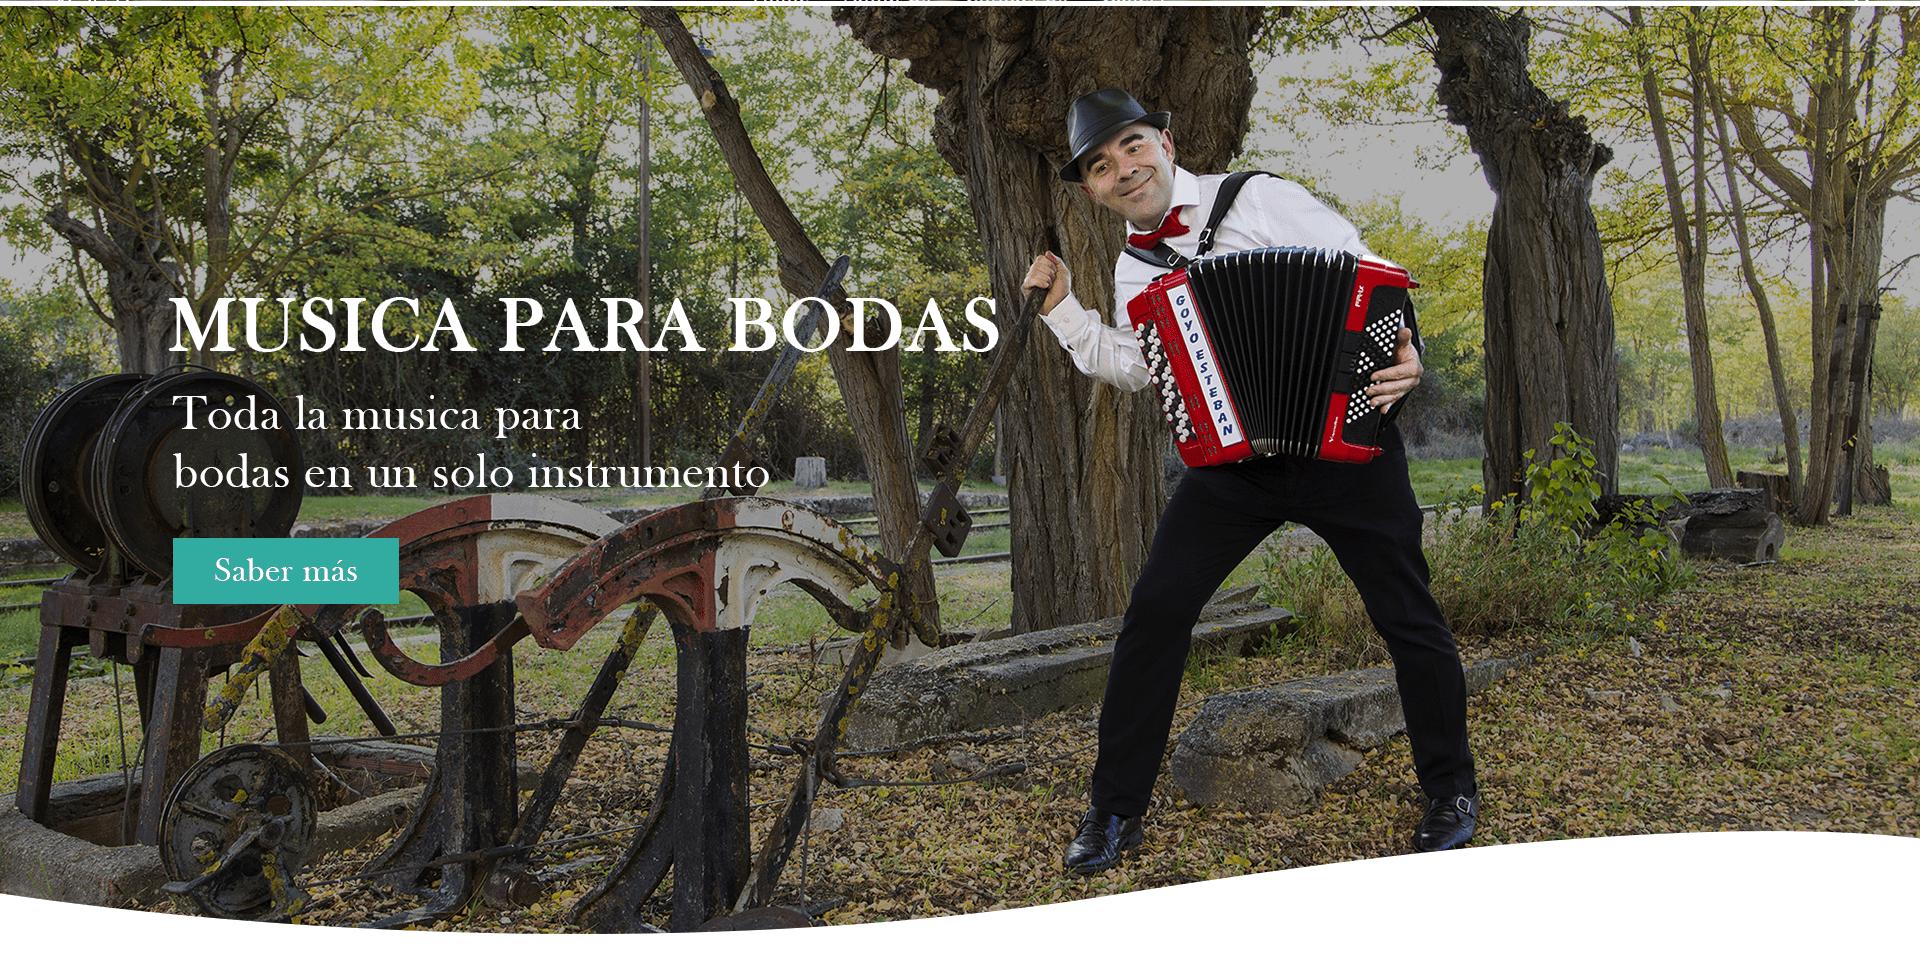 musica para bodas musico para bodas y eventos en españa soria madrid burgos valladolid